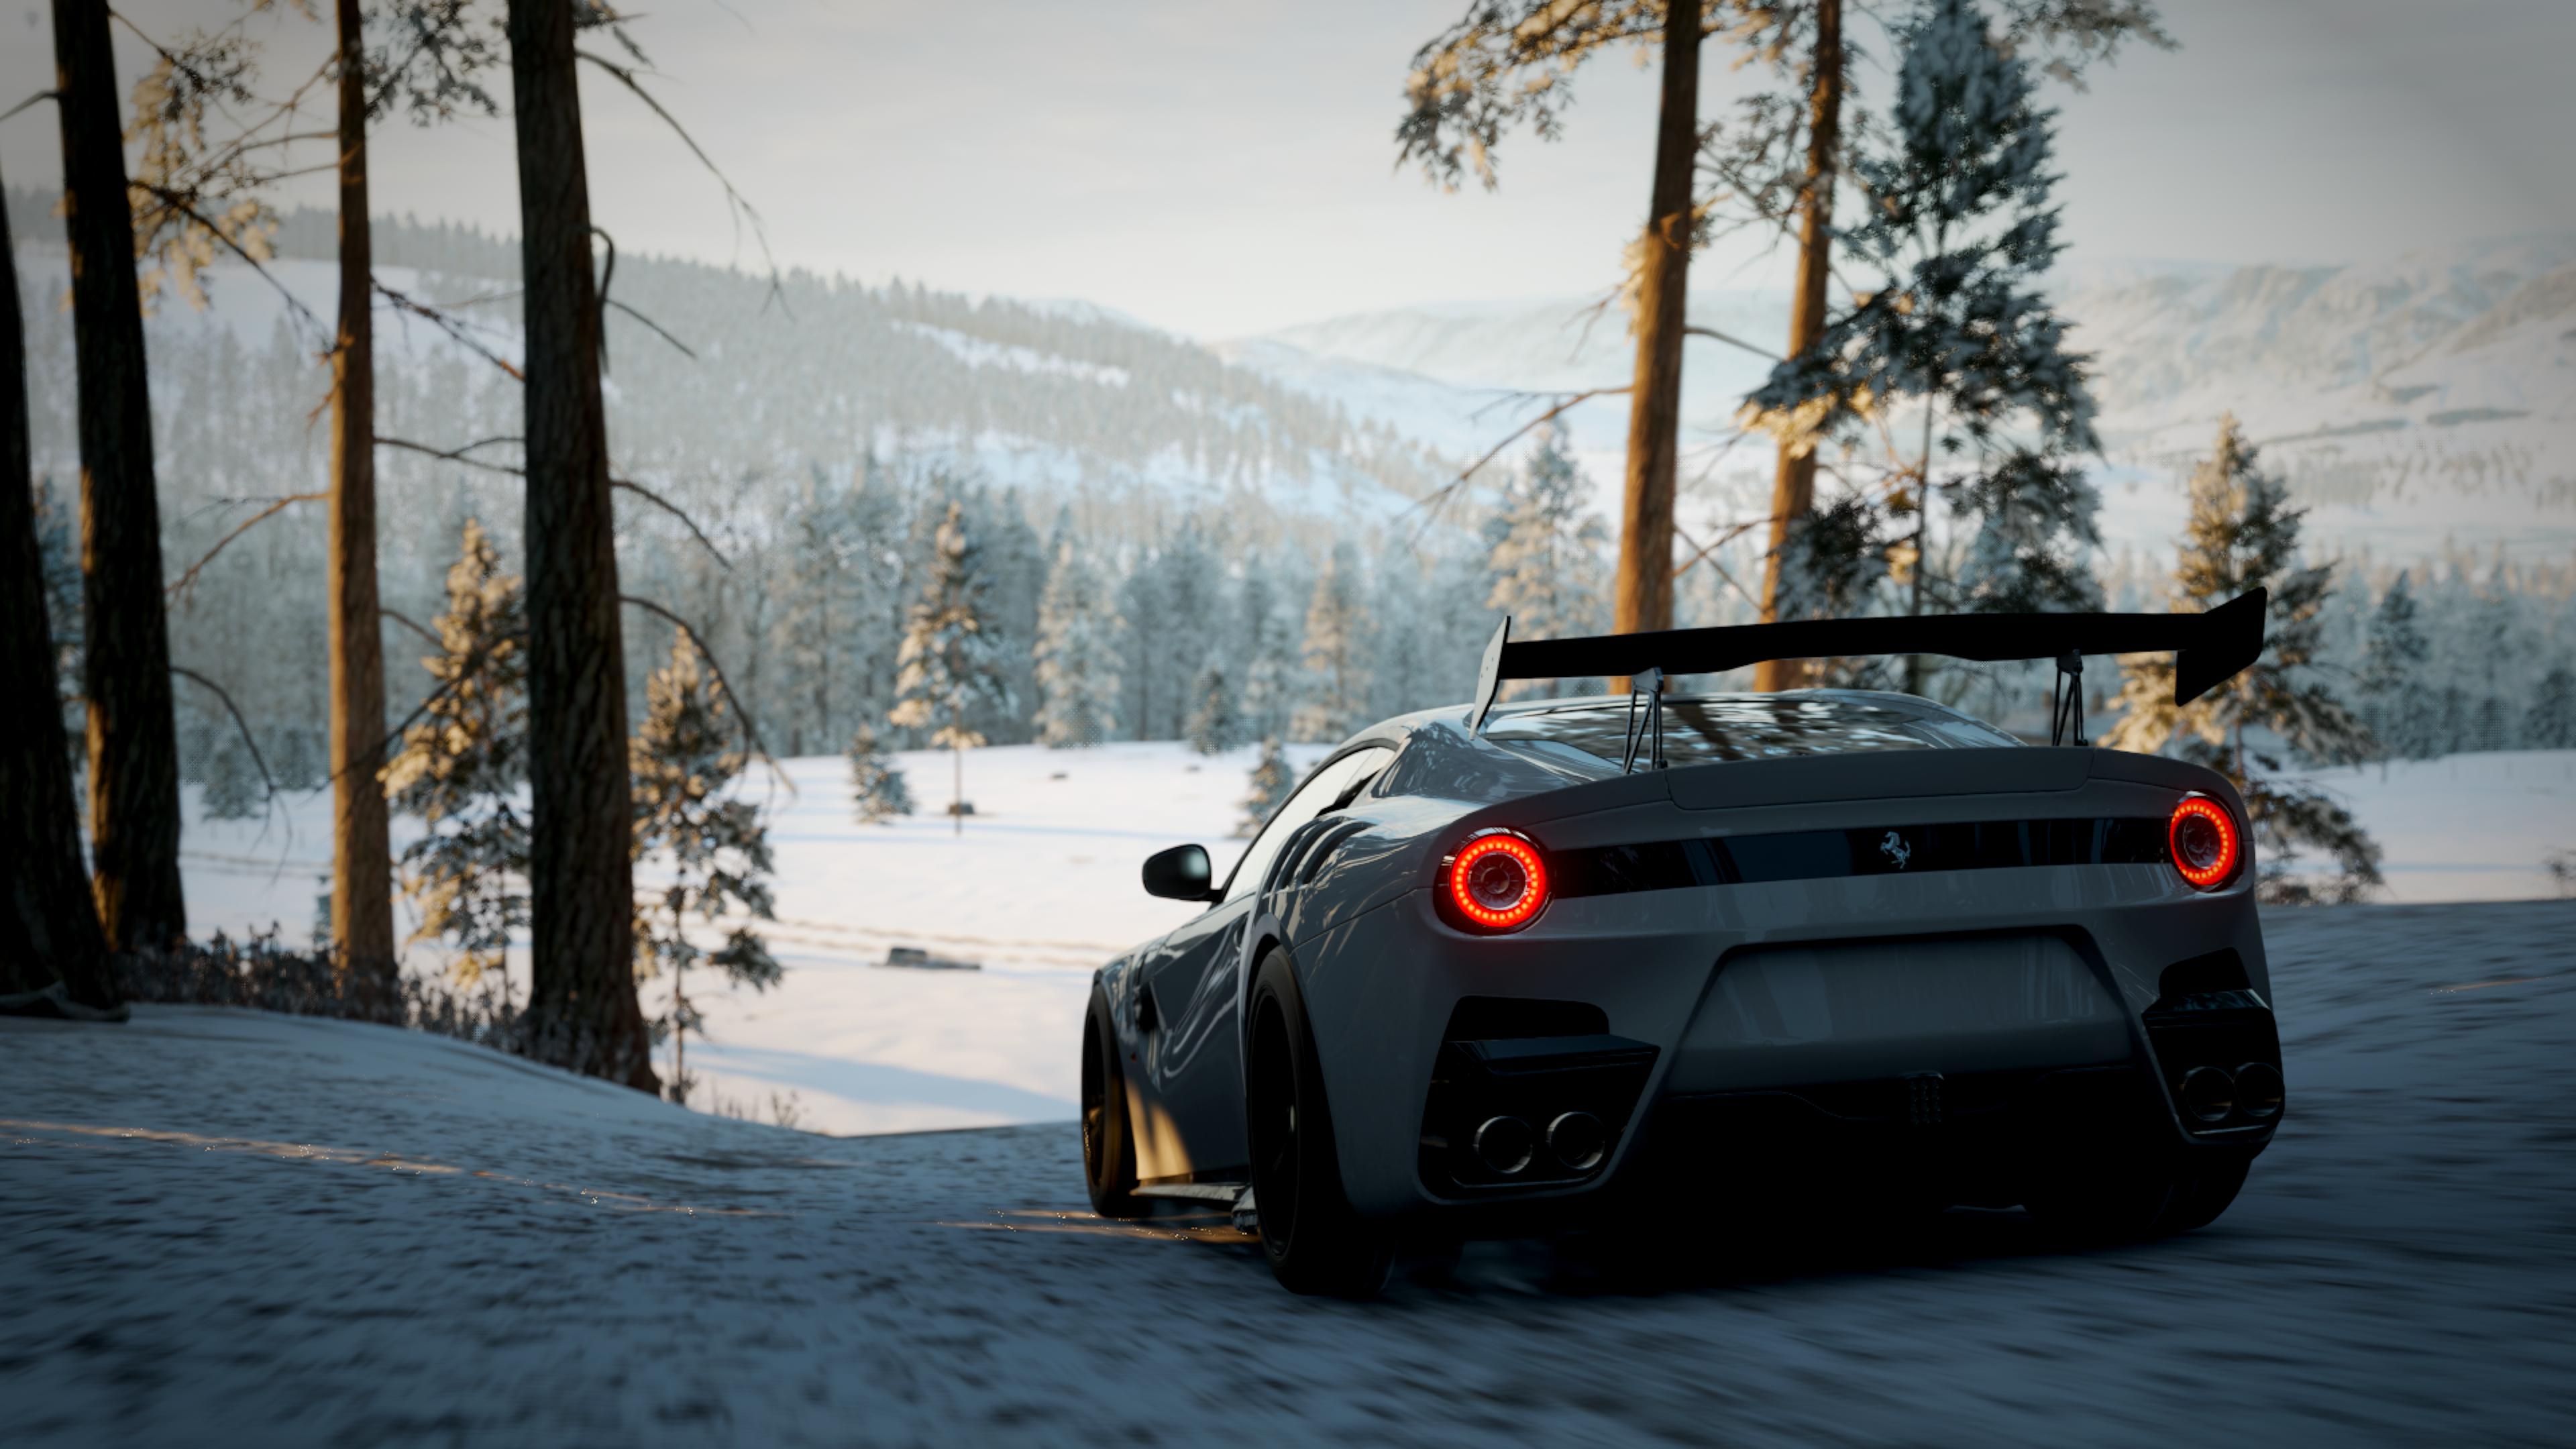 Forza Forza Horizon 4 Forza Horizon Car Racing Cinematic Supercars Hypercar Koenigsegg Ferrari Pagan 3840x2160